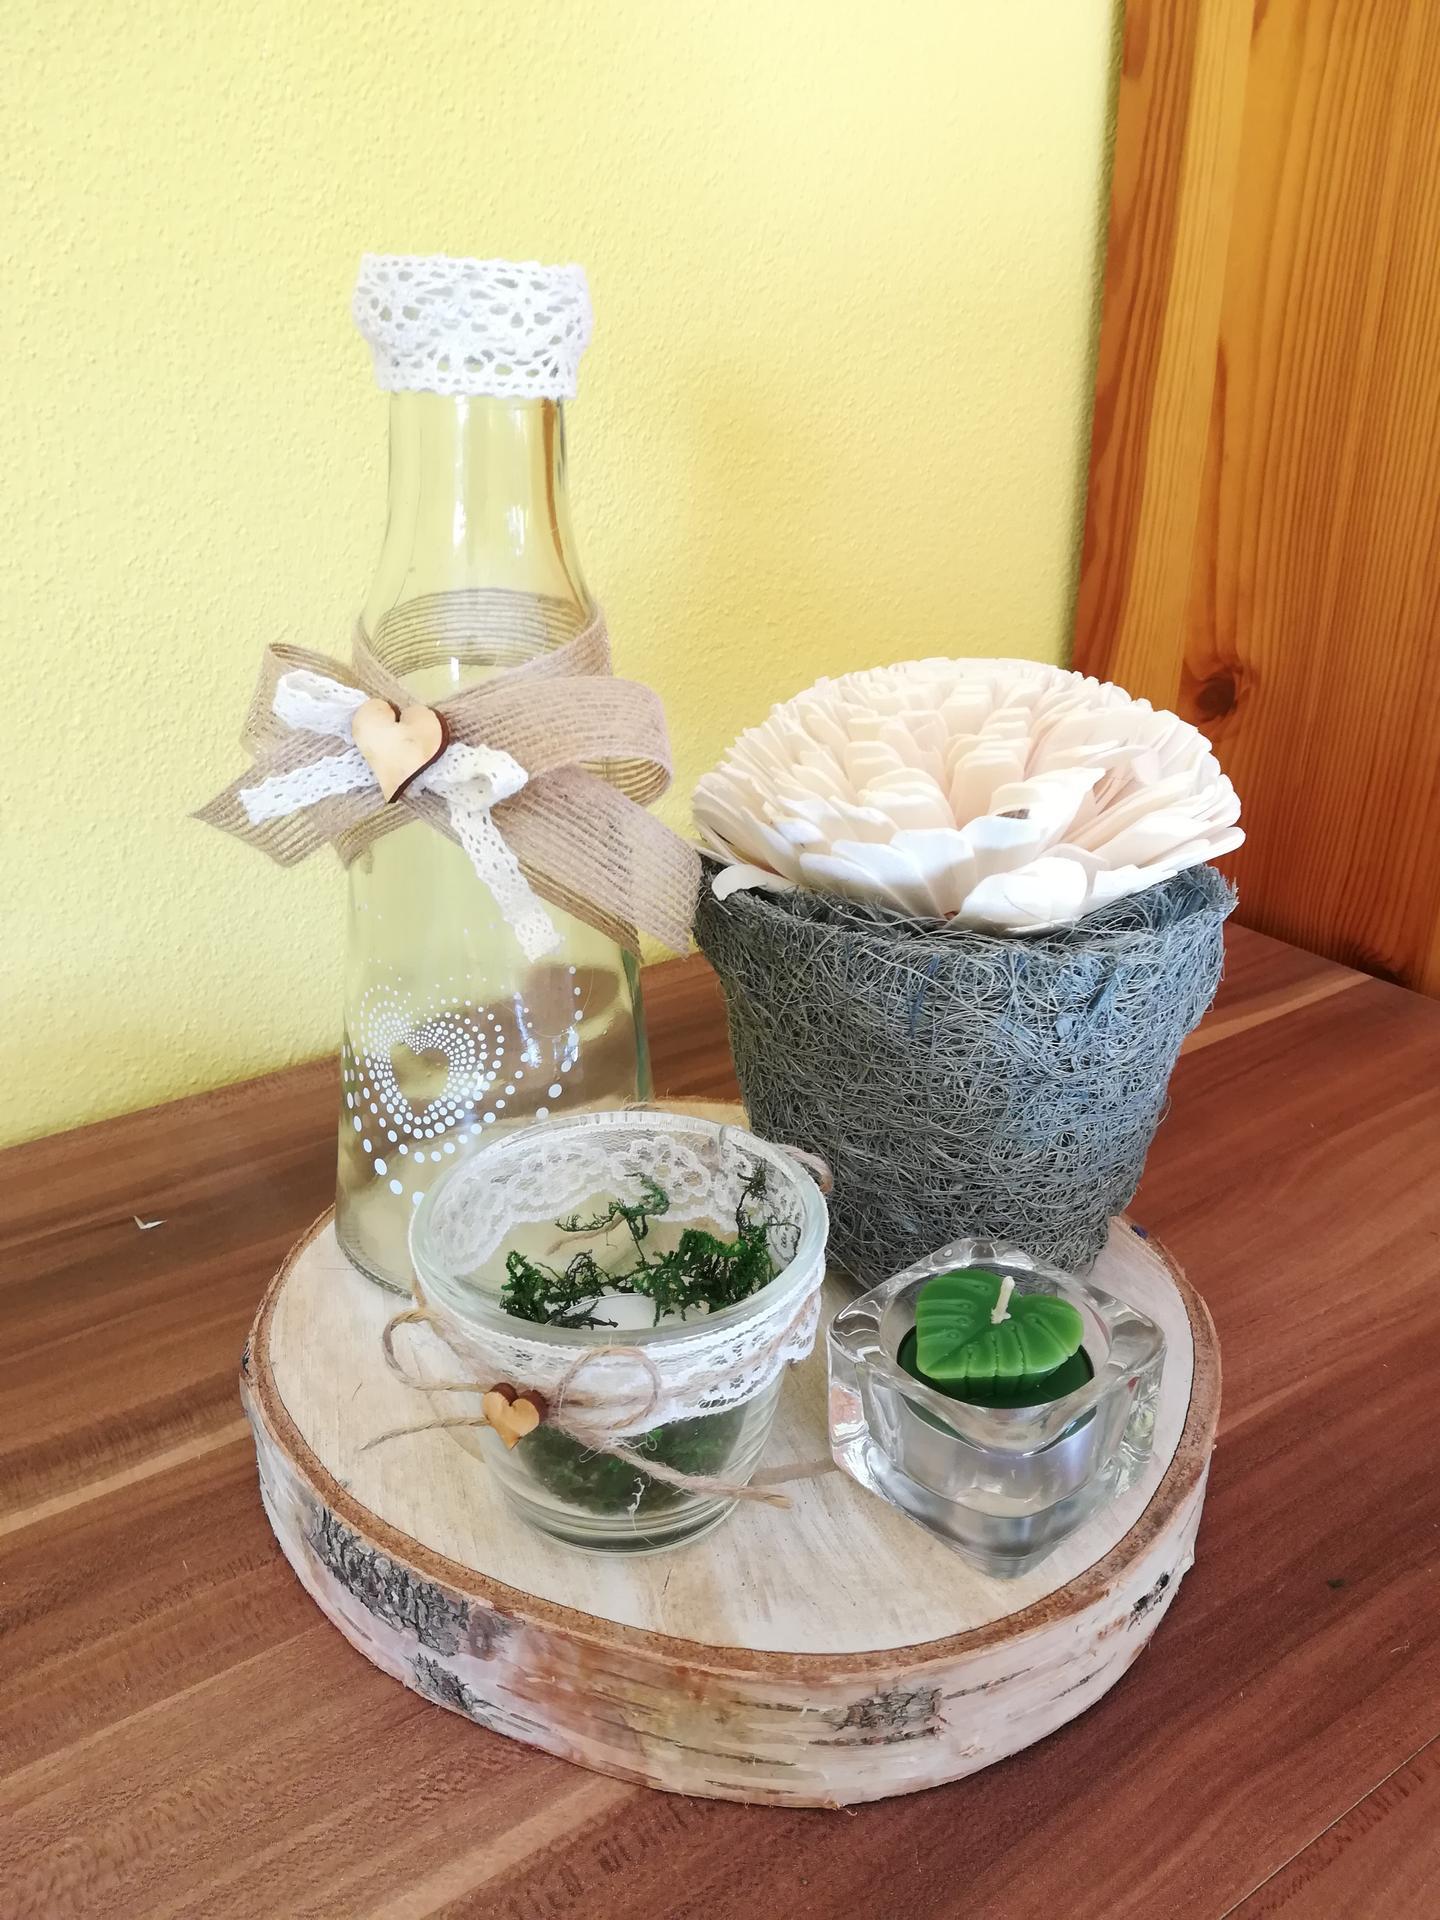 Přípravy na říjen - Do vázy přijde ještě nevěstin závoj. Vše bude tak pootočené, aby šlo z každé strany vidět něco.